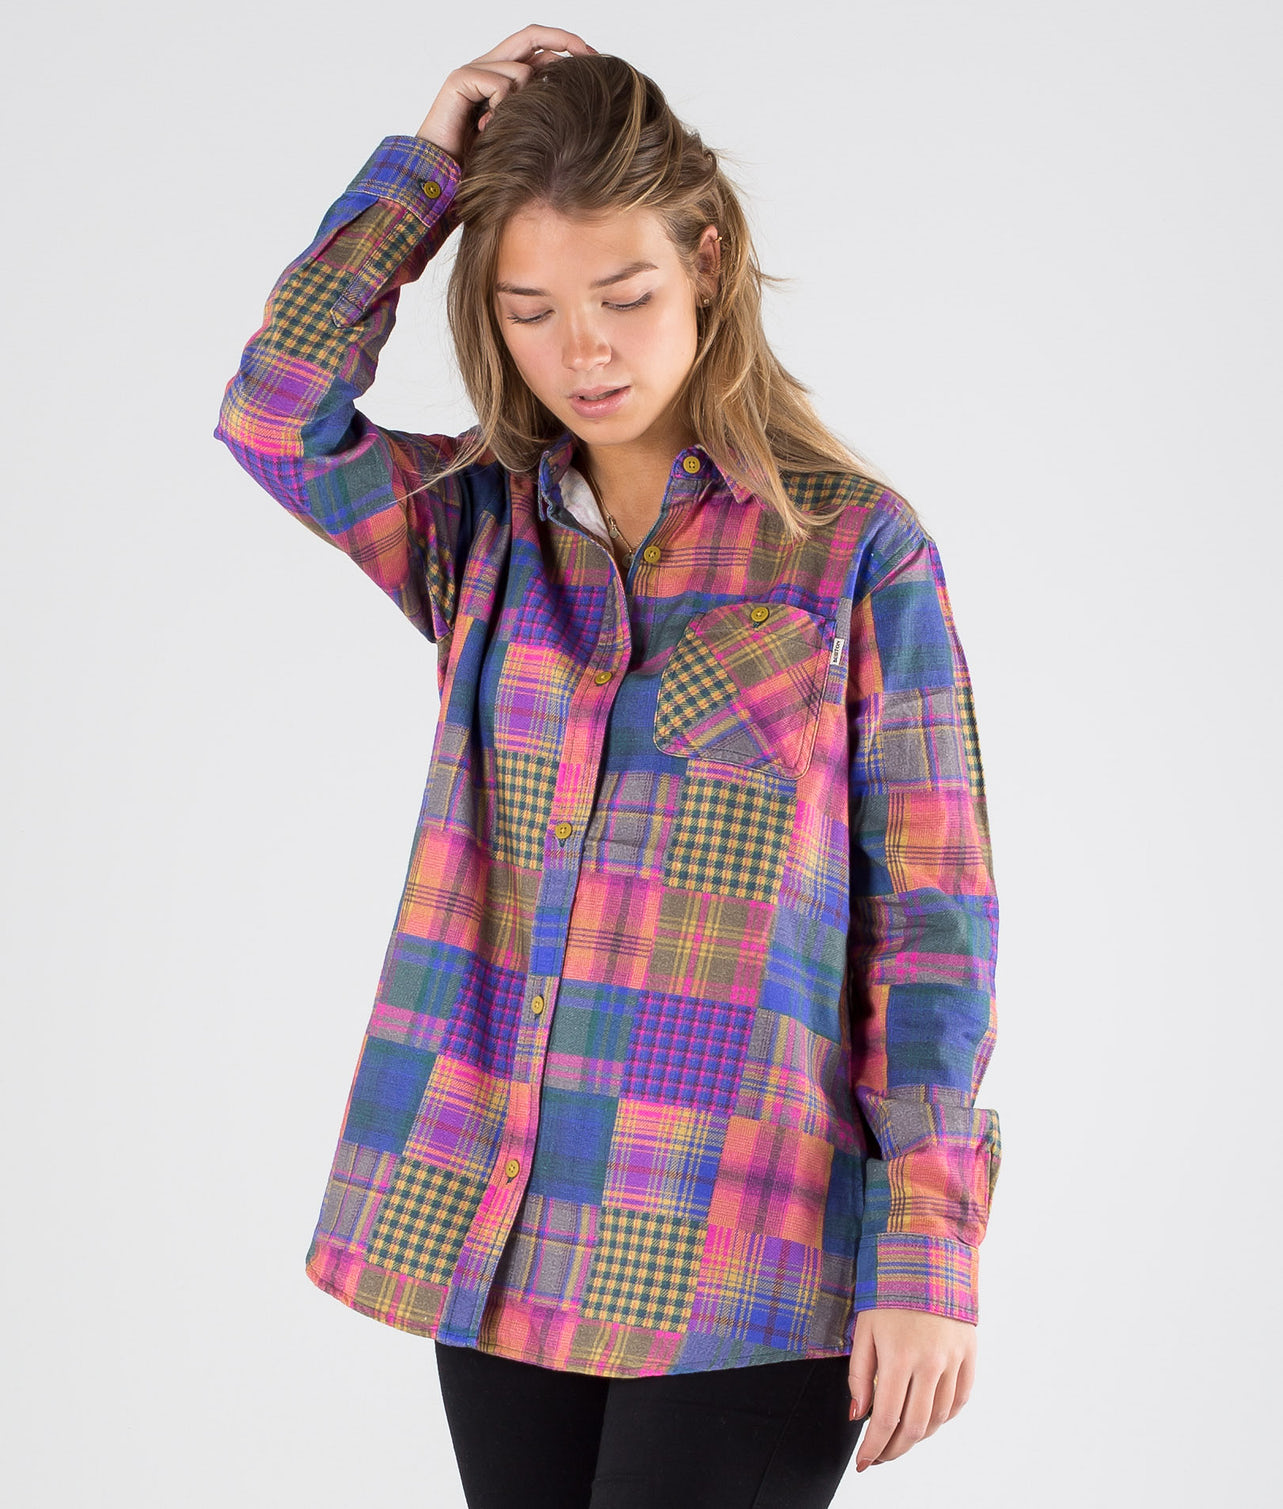 Kjøp Grace Premium Flanel Skjorte fra Burton på Ridestore.no - Hos oss har du alltid fri frakt, fri retur og 30 dagers åpent kjøp!